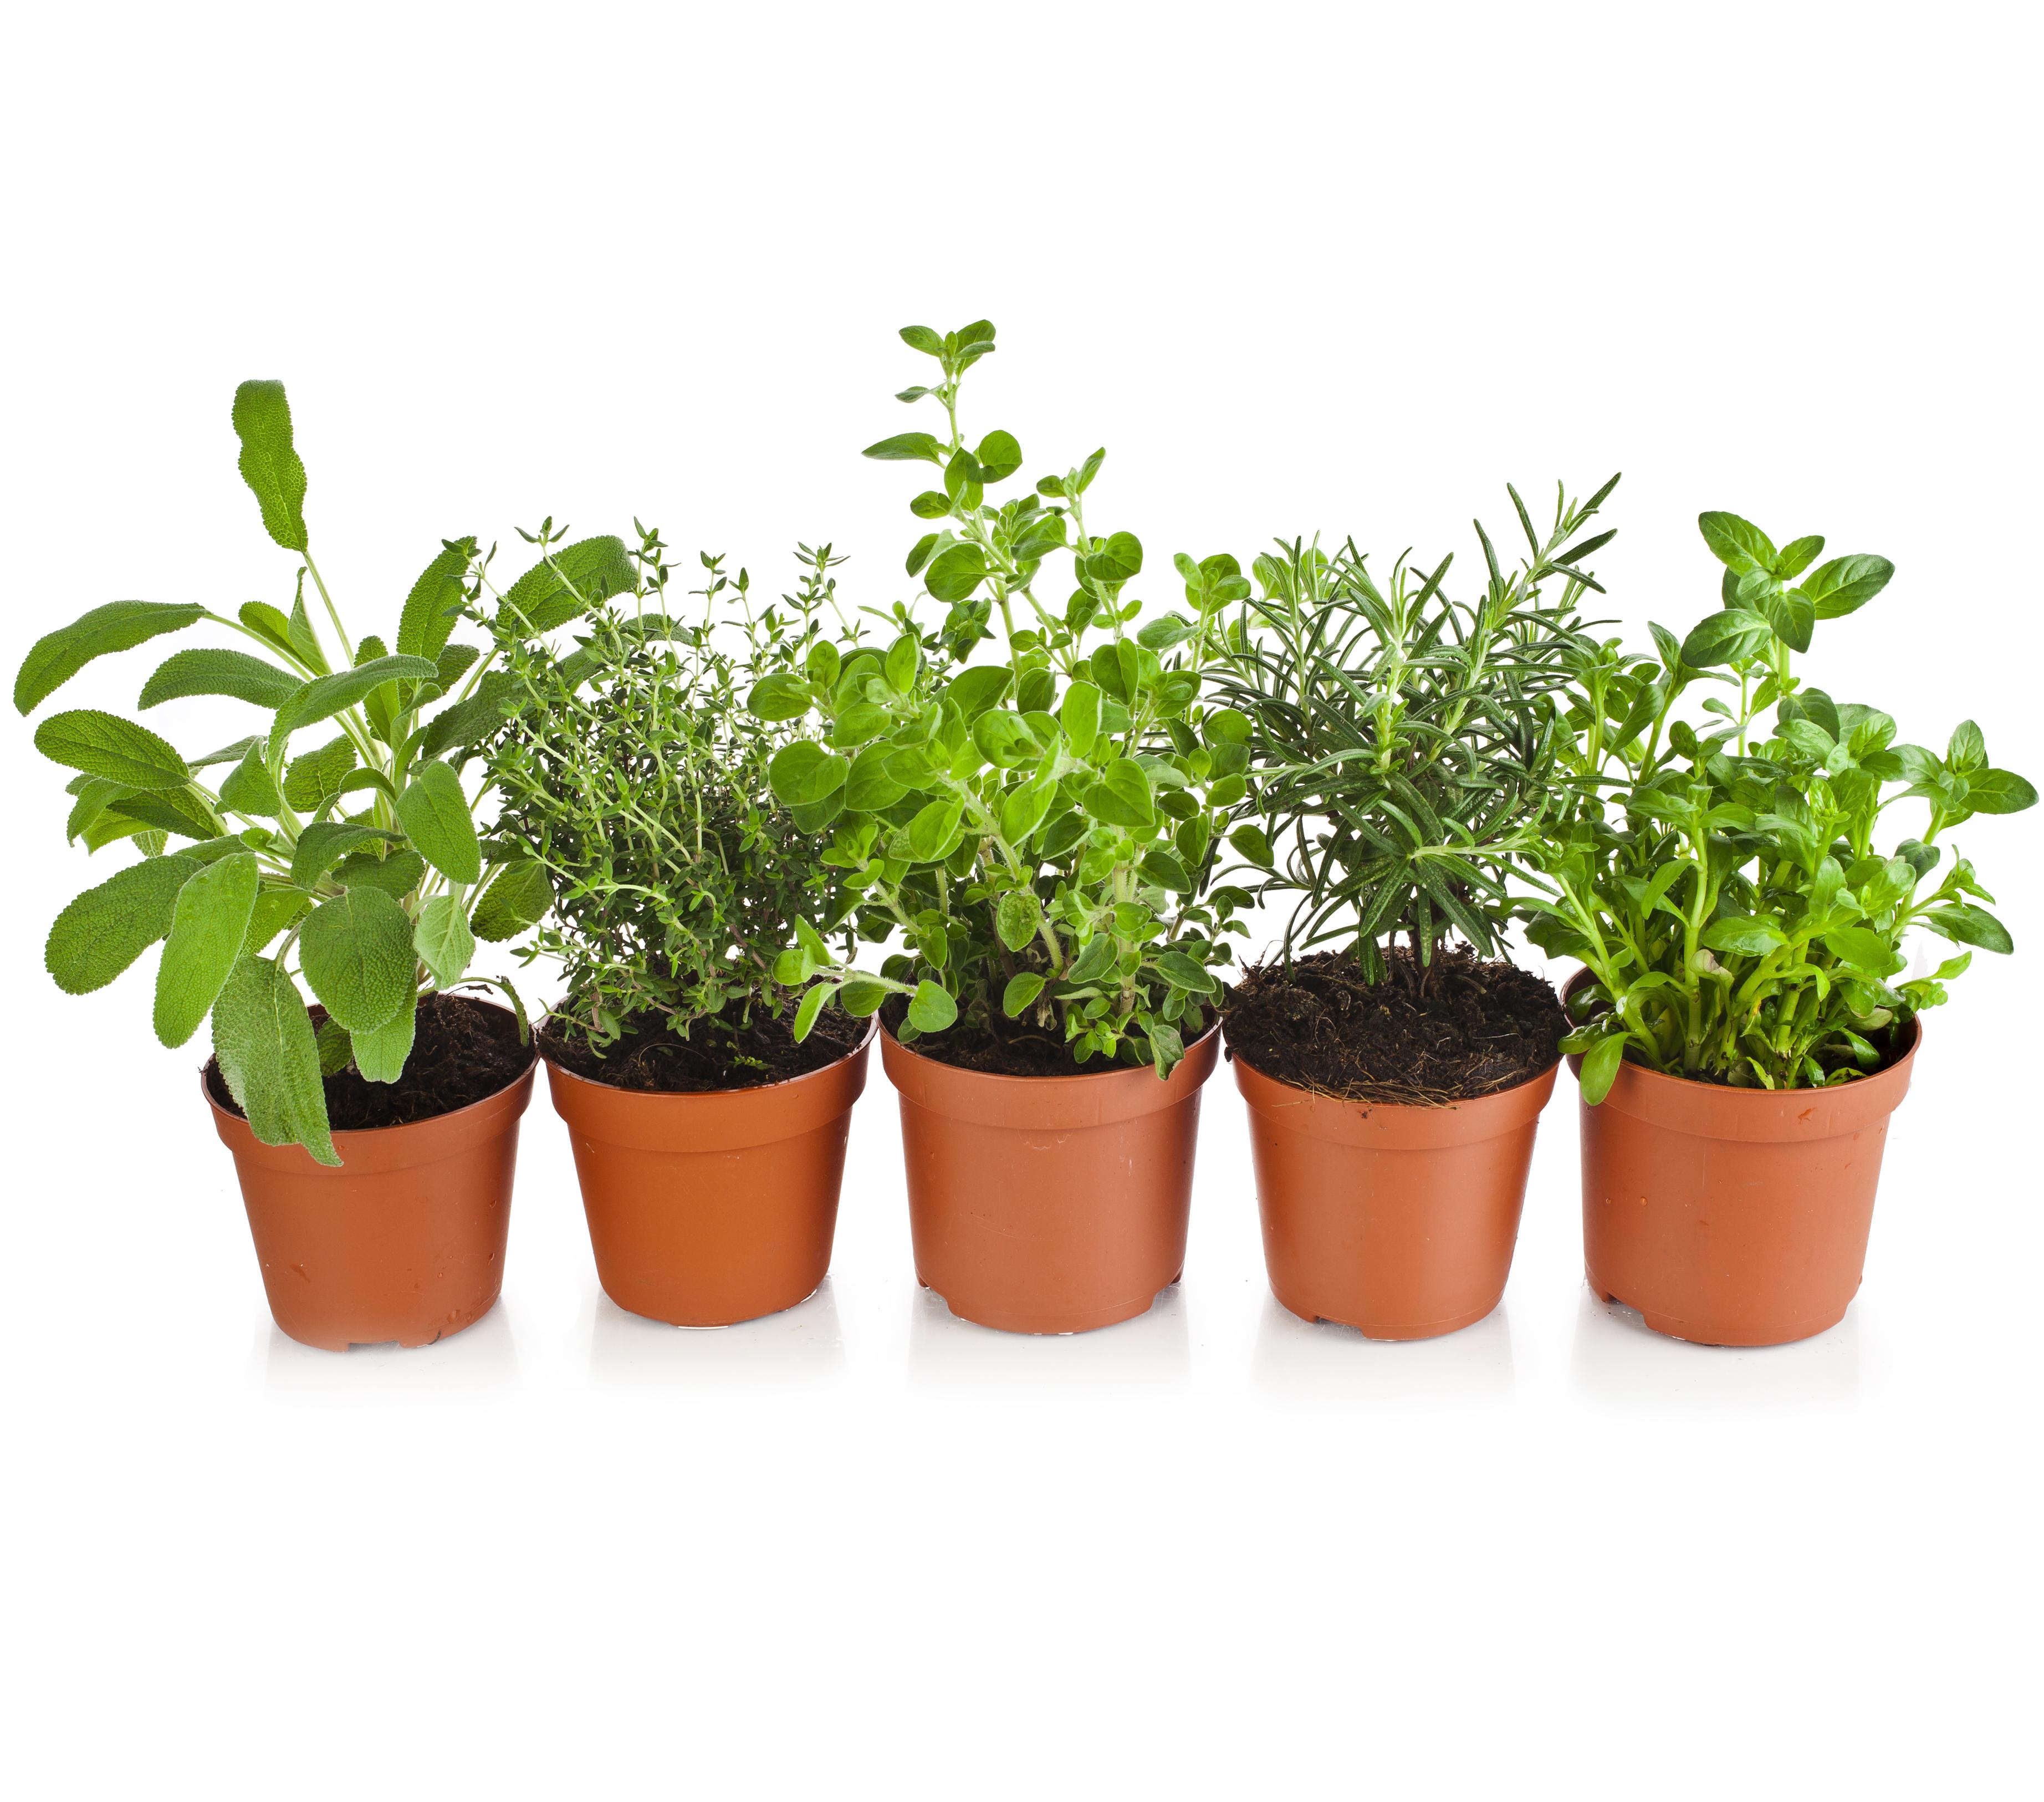 Plantar y sembrar kb jard n plantar plantas arom ticas - Cultivar plantas aromaticas en casa ...